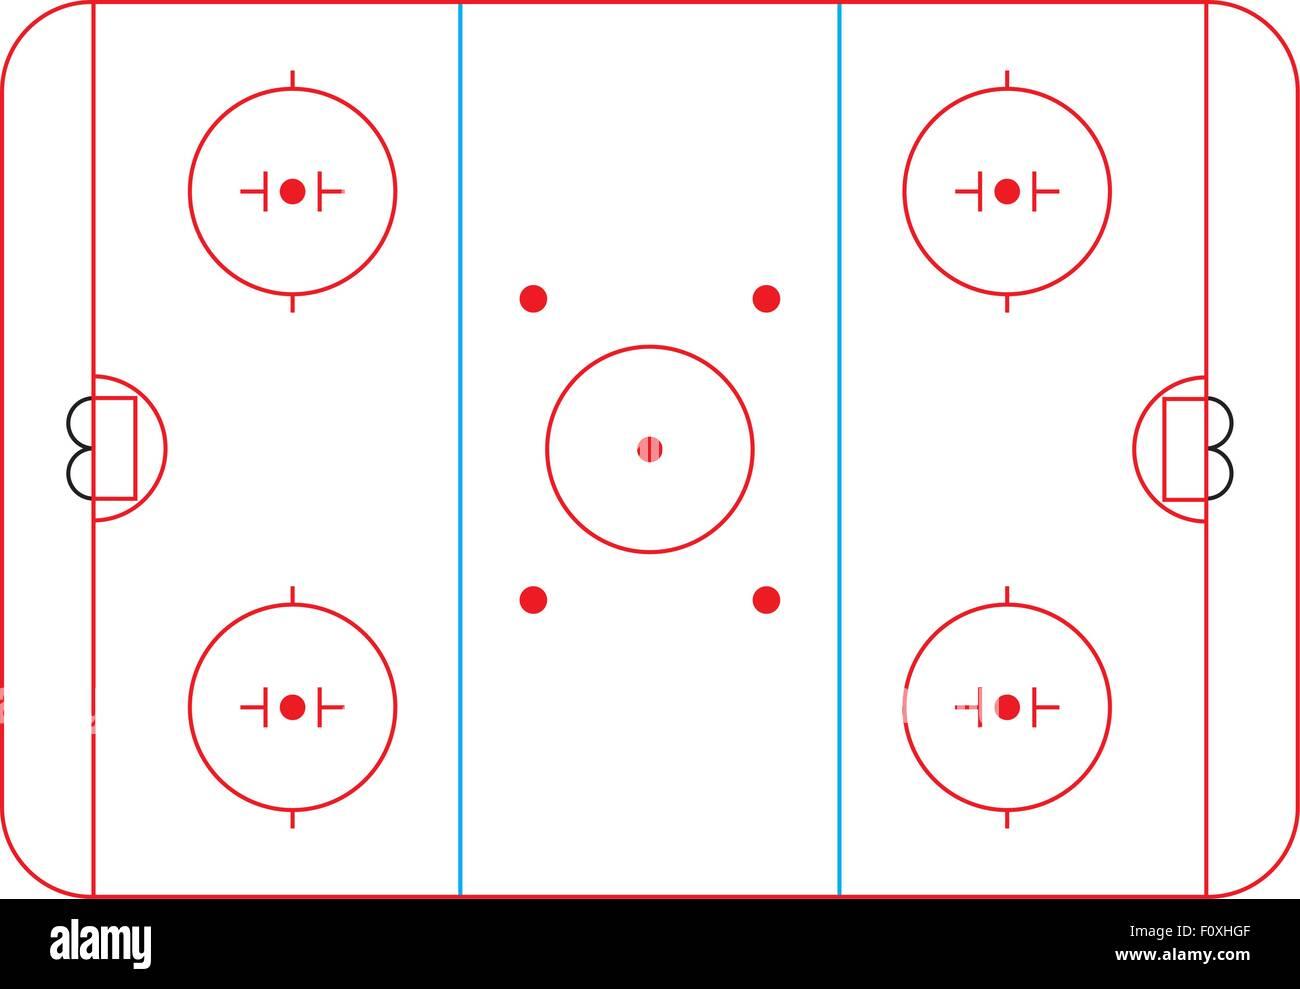 Ice Hockey Rink Diagram  Vector Illustration Stock Vector Art  U0026 Illustration  Vector Image